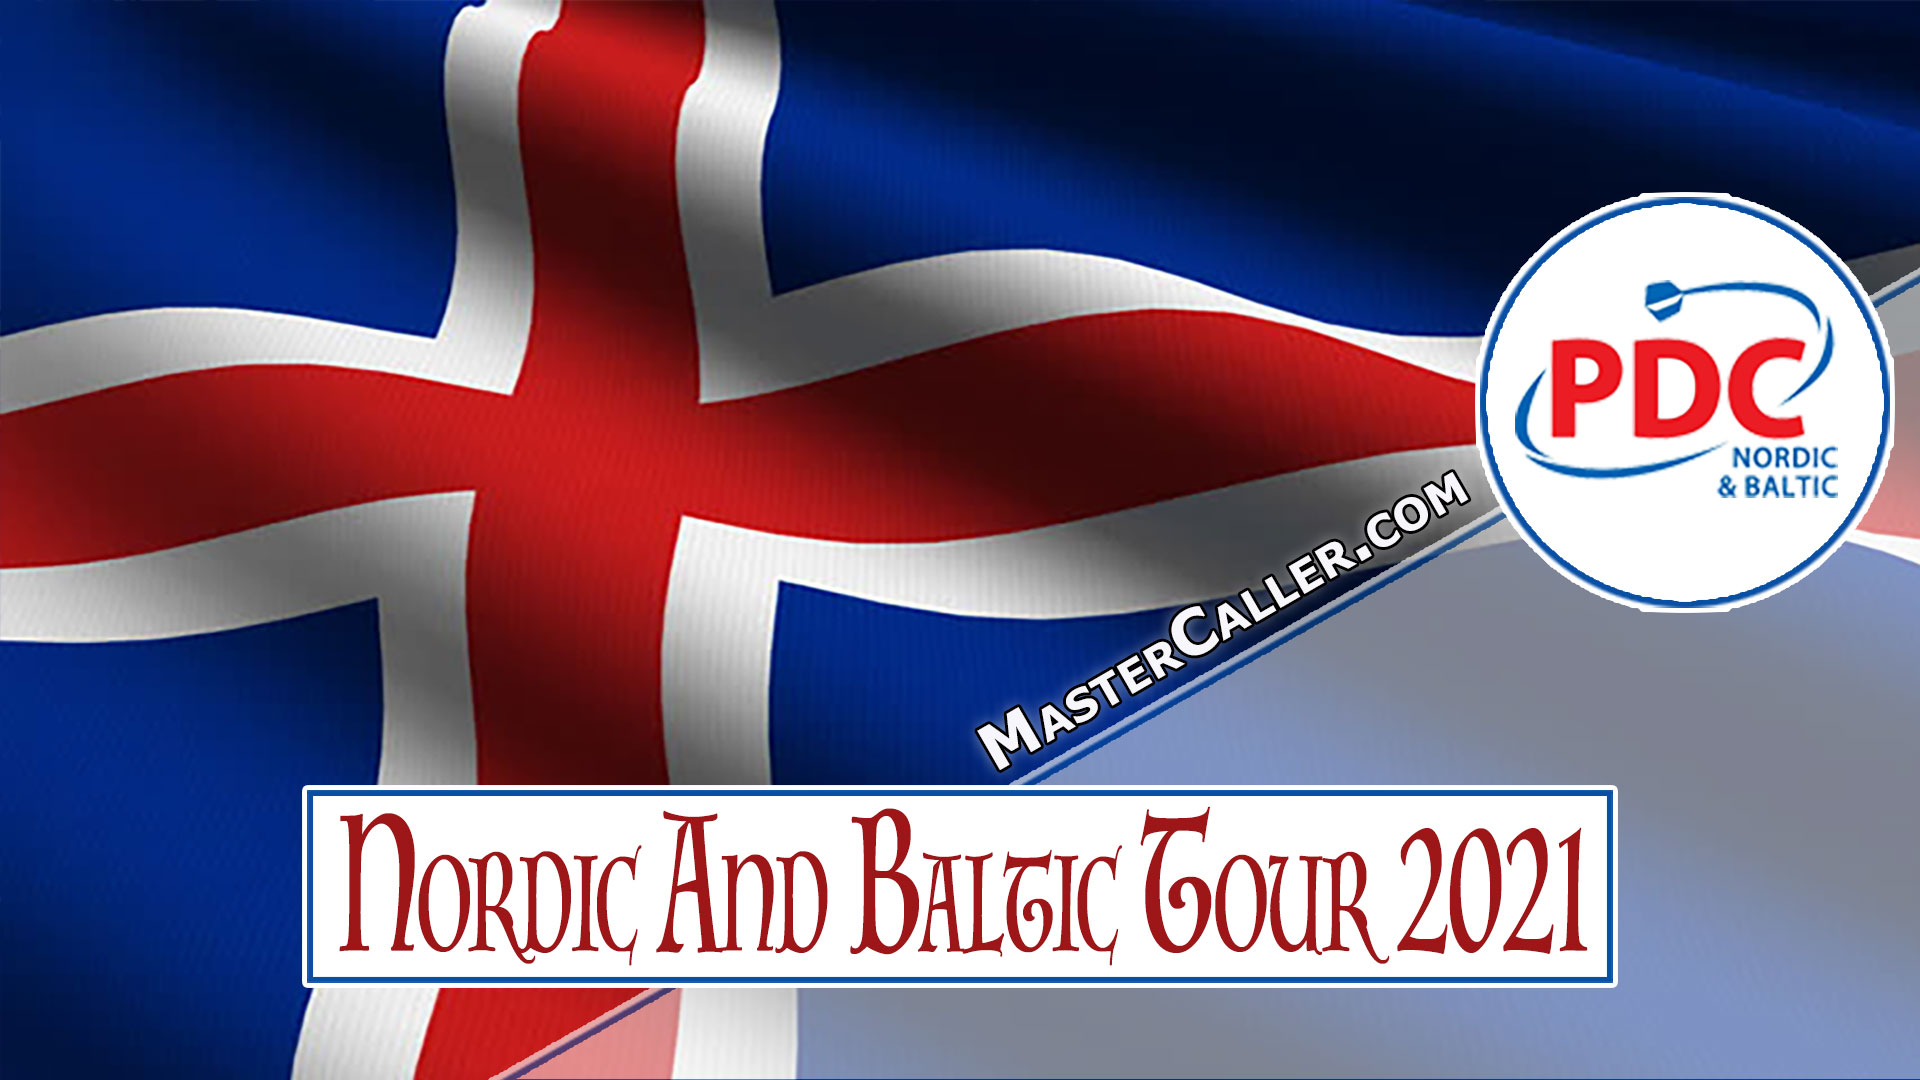 PDC Nordic & Baltic Tour - 2021 NB 04 Reykjavik Logo